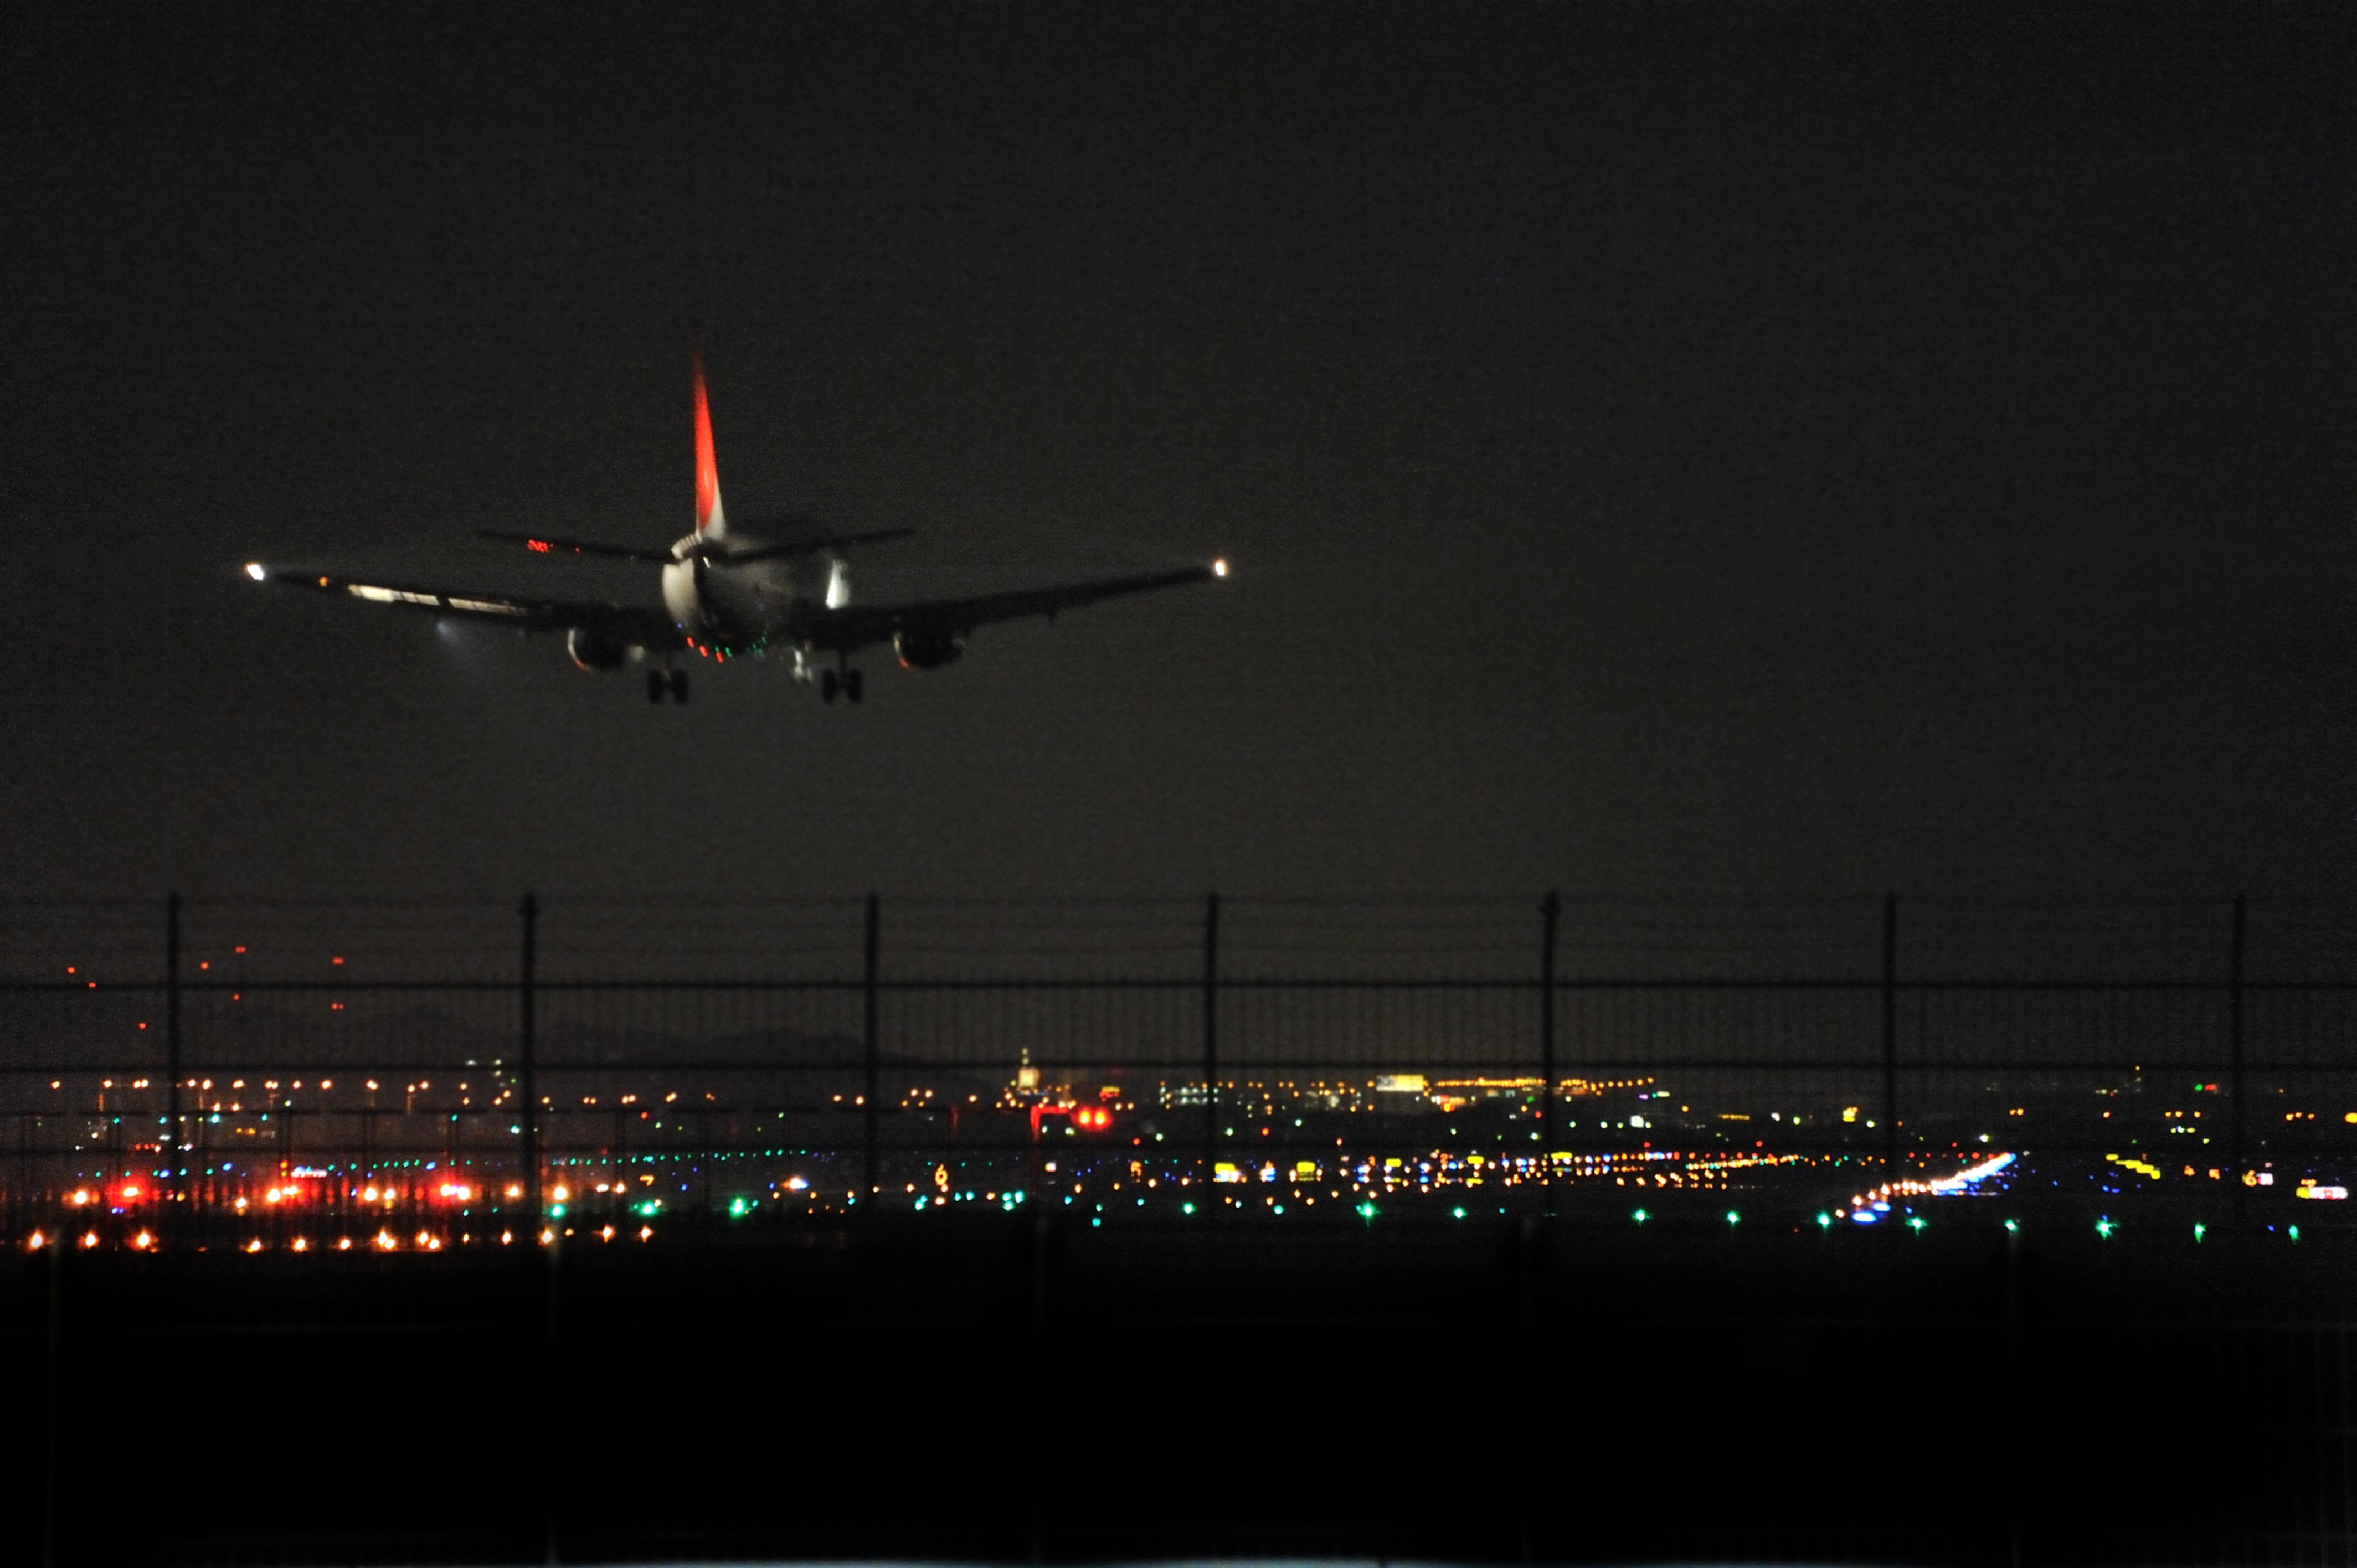 福岡空港夜景(2010)の画像